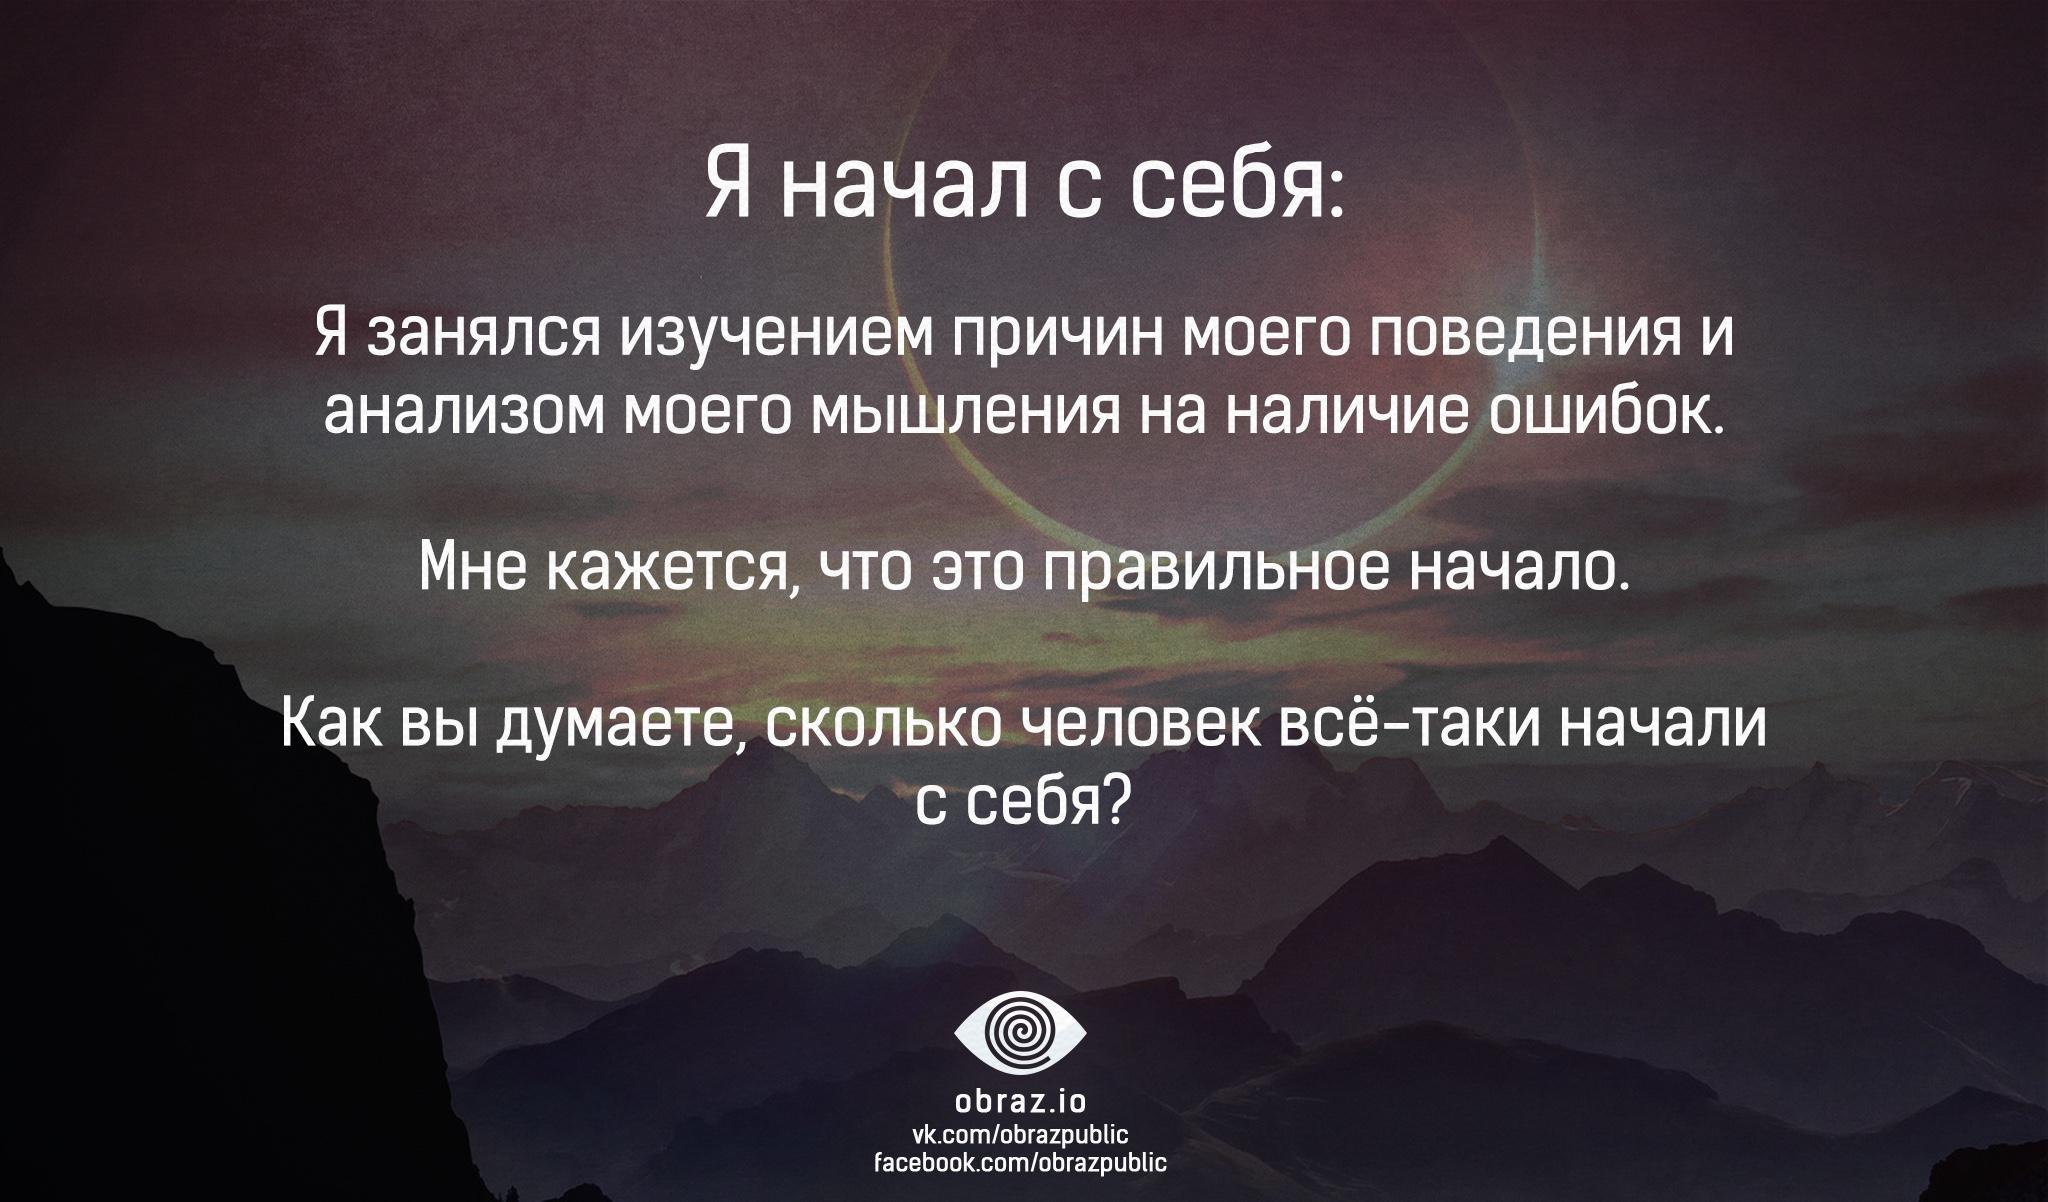 Email:learningkurakov@gmail com3292 19b3m81.g942h5b3xr